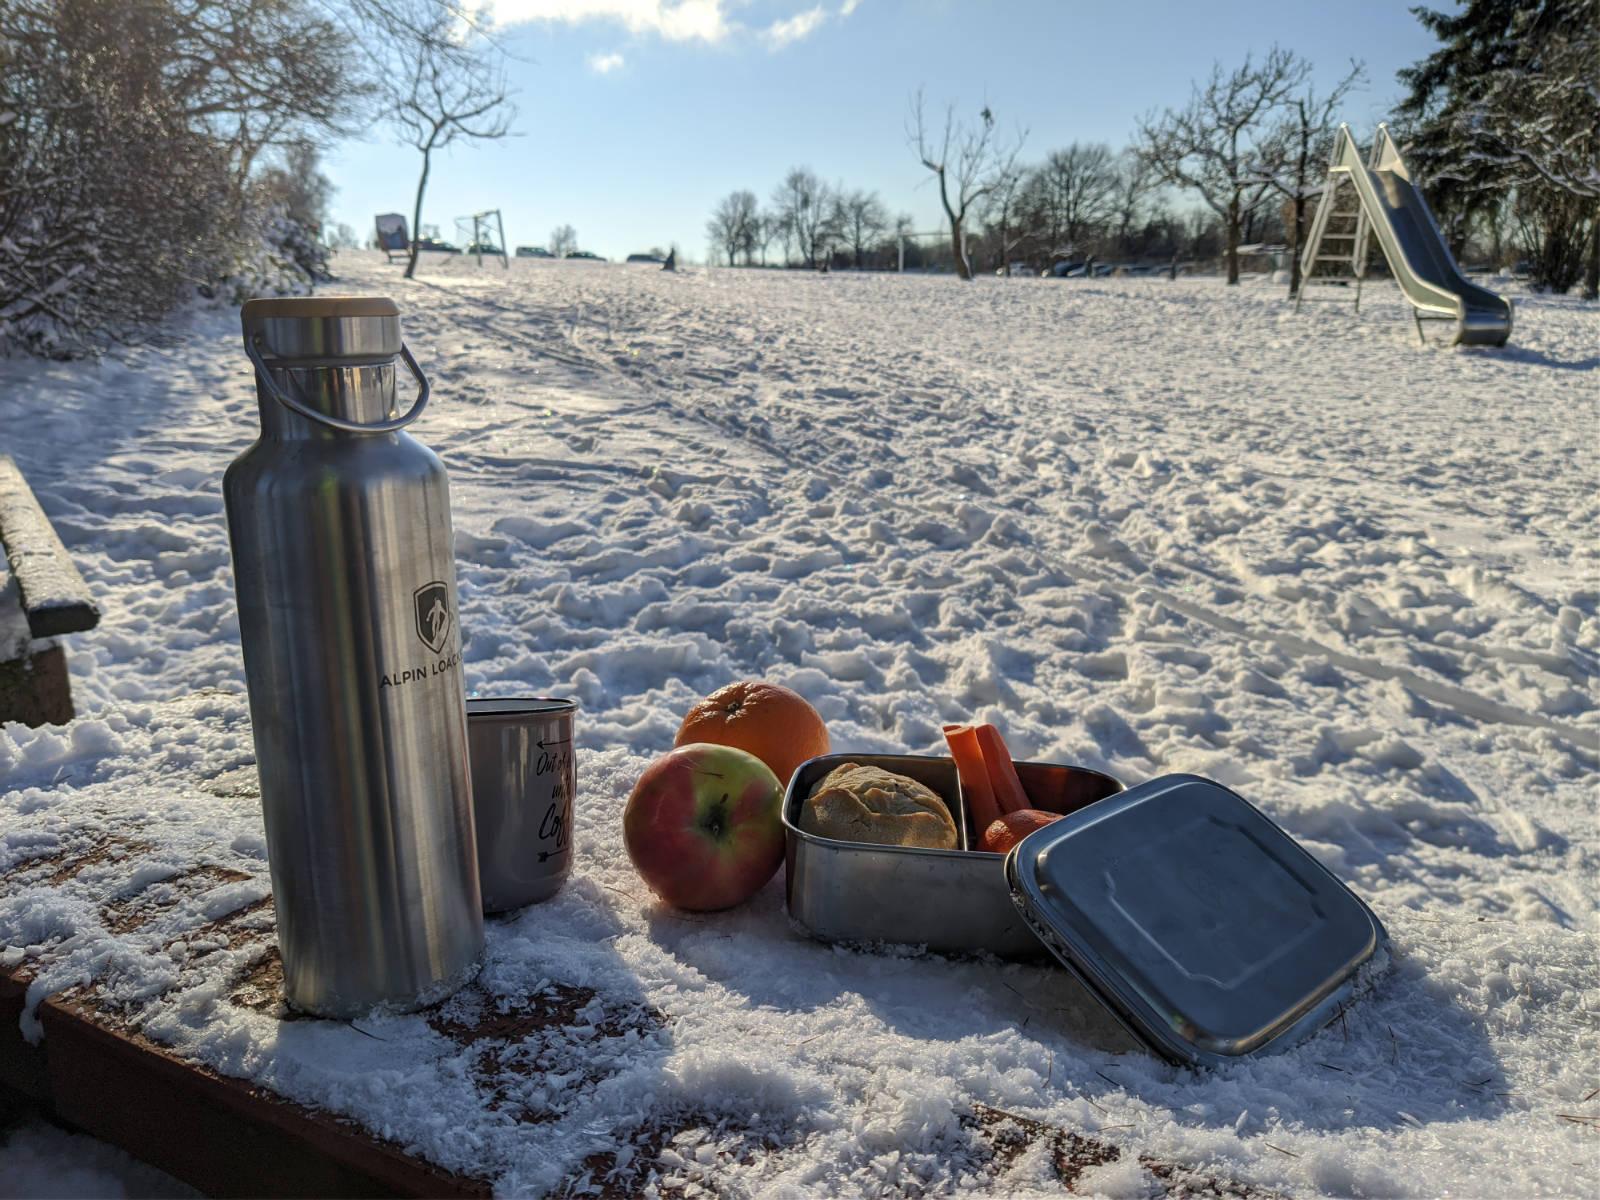 ALPIN LOACKER Edelstahl Lunchbox und Edelstahl Thermosflasche